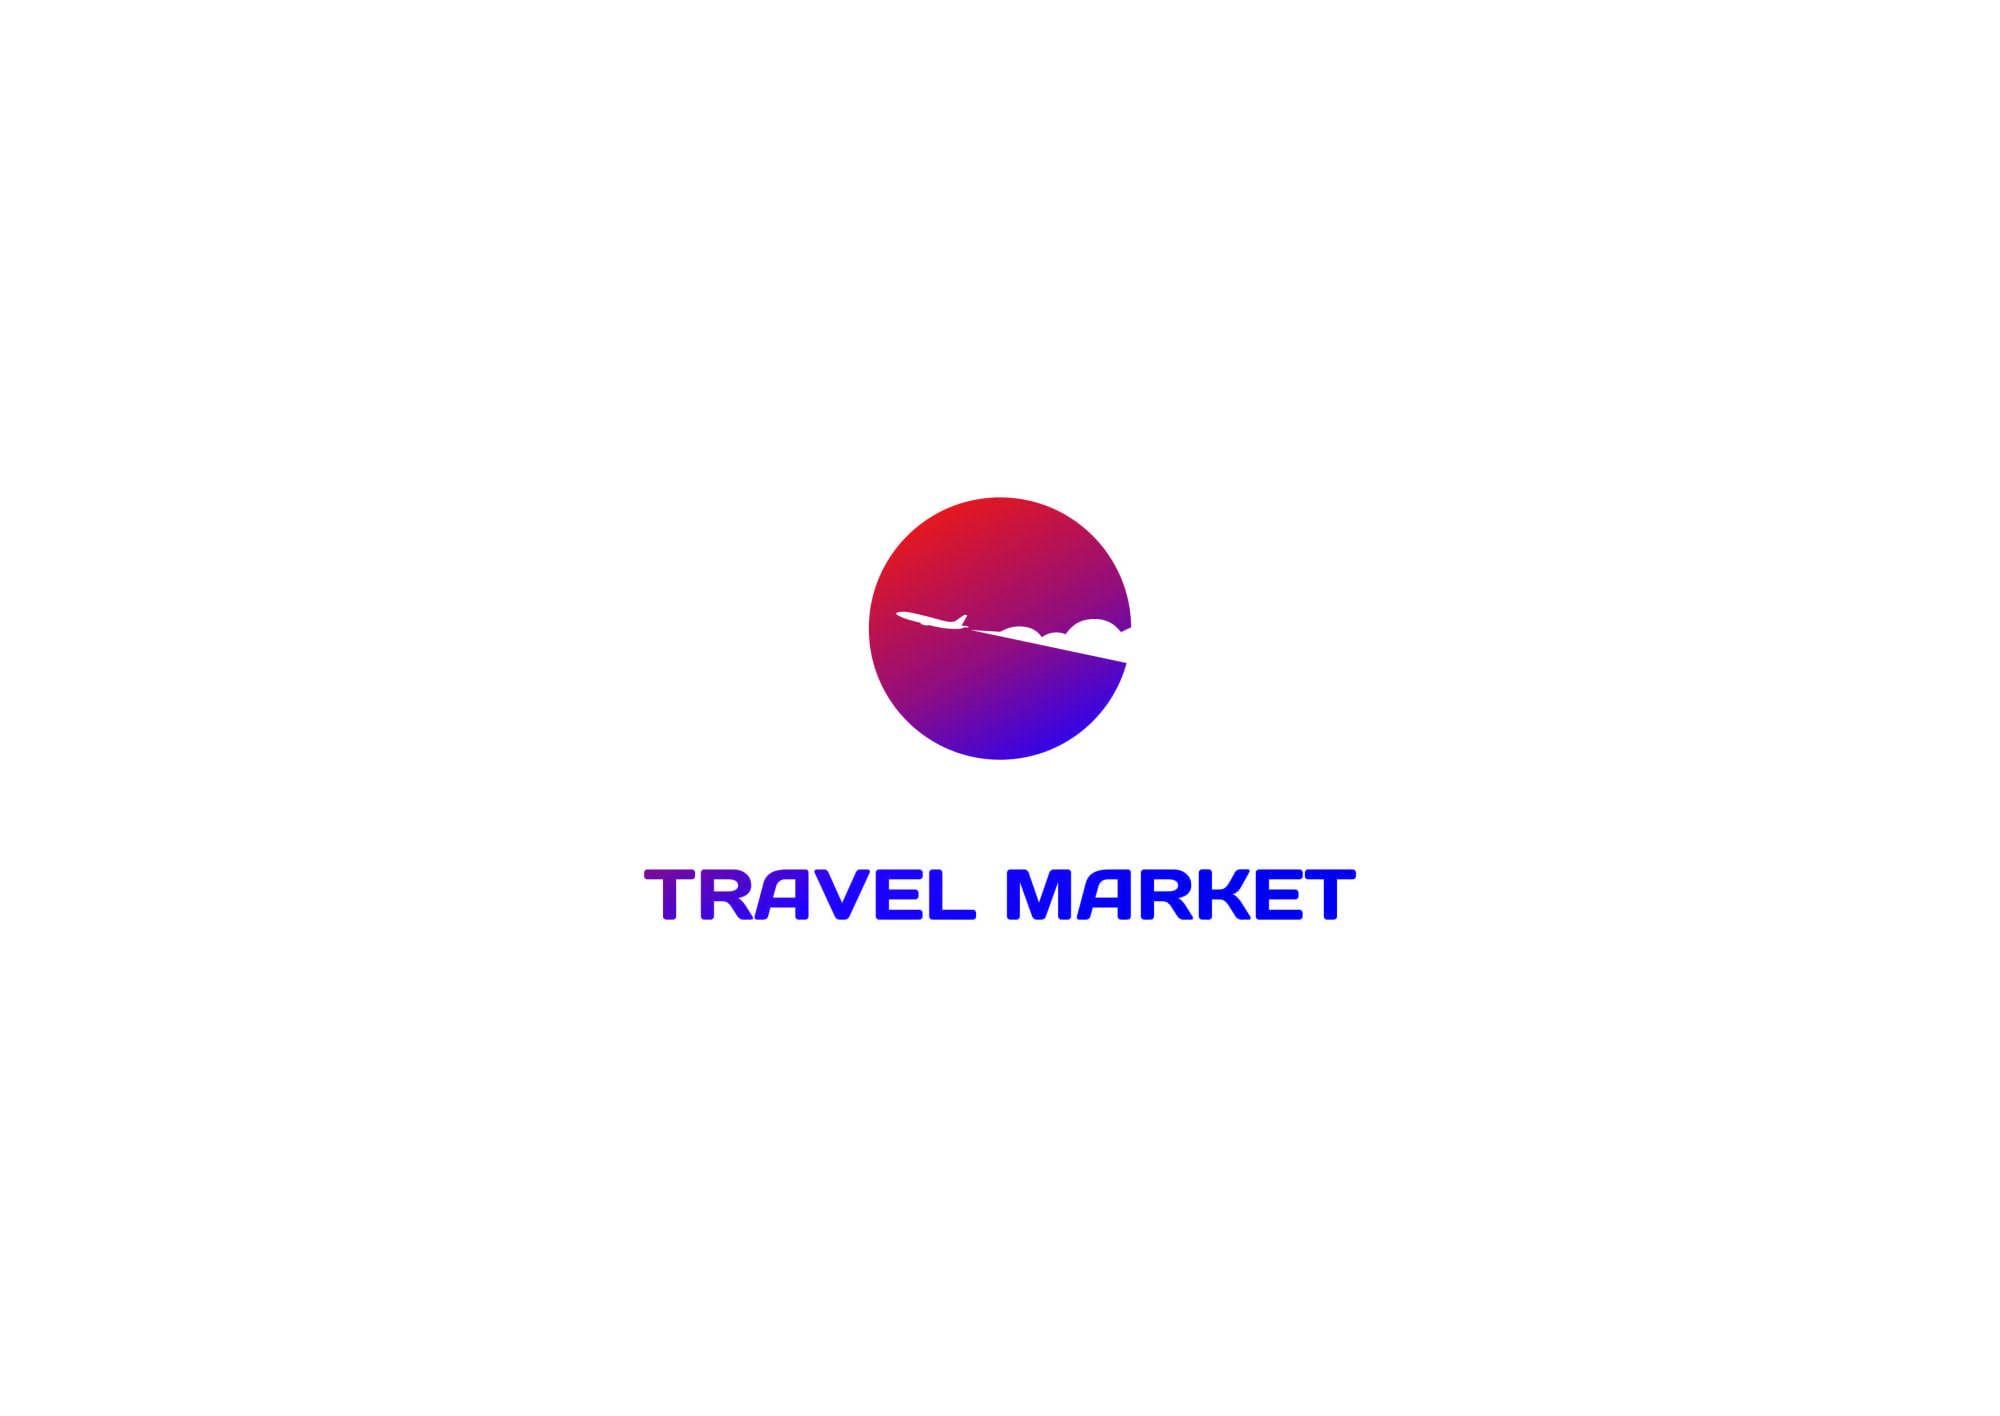 Лого и фирменный стиль для Турагентство Travel Market - дизайнер rinaleerl